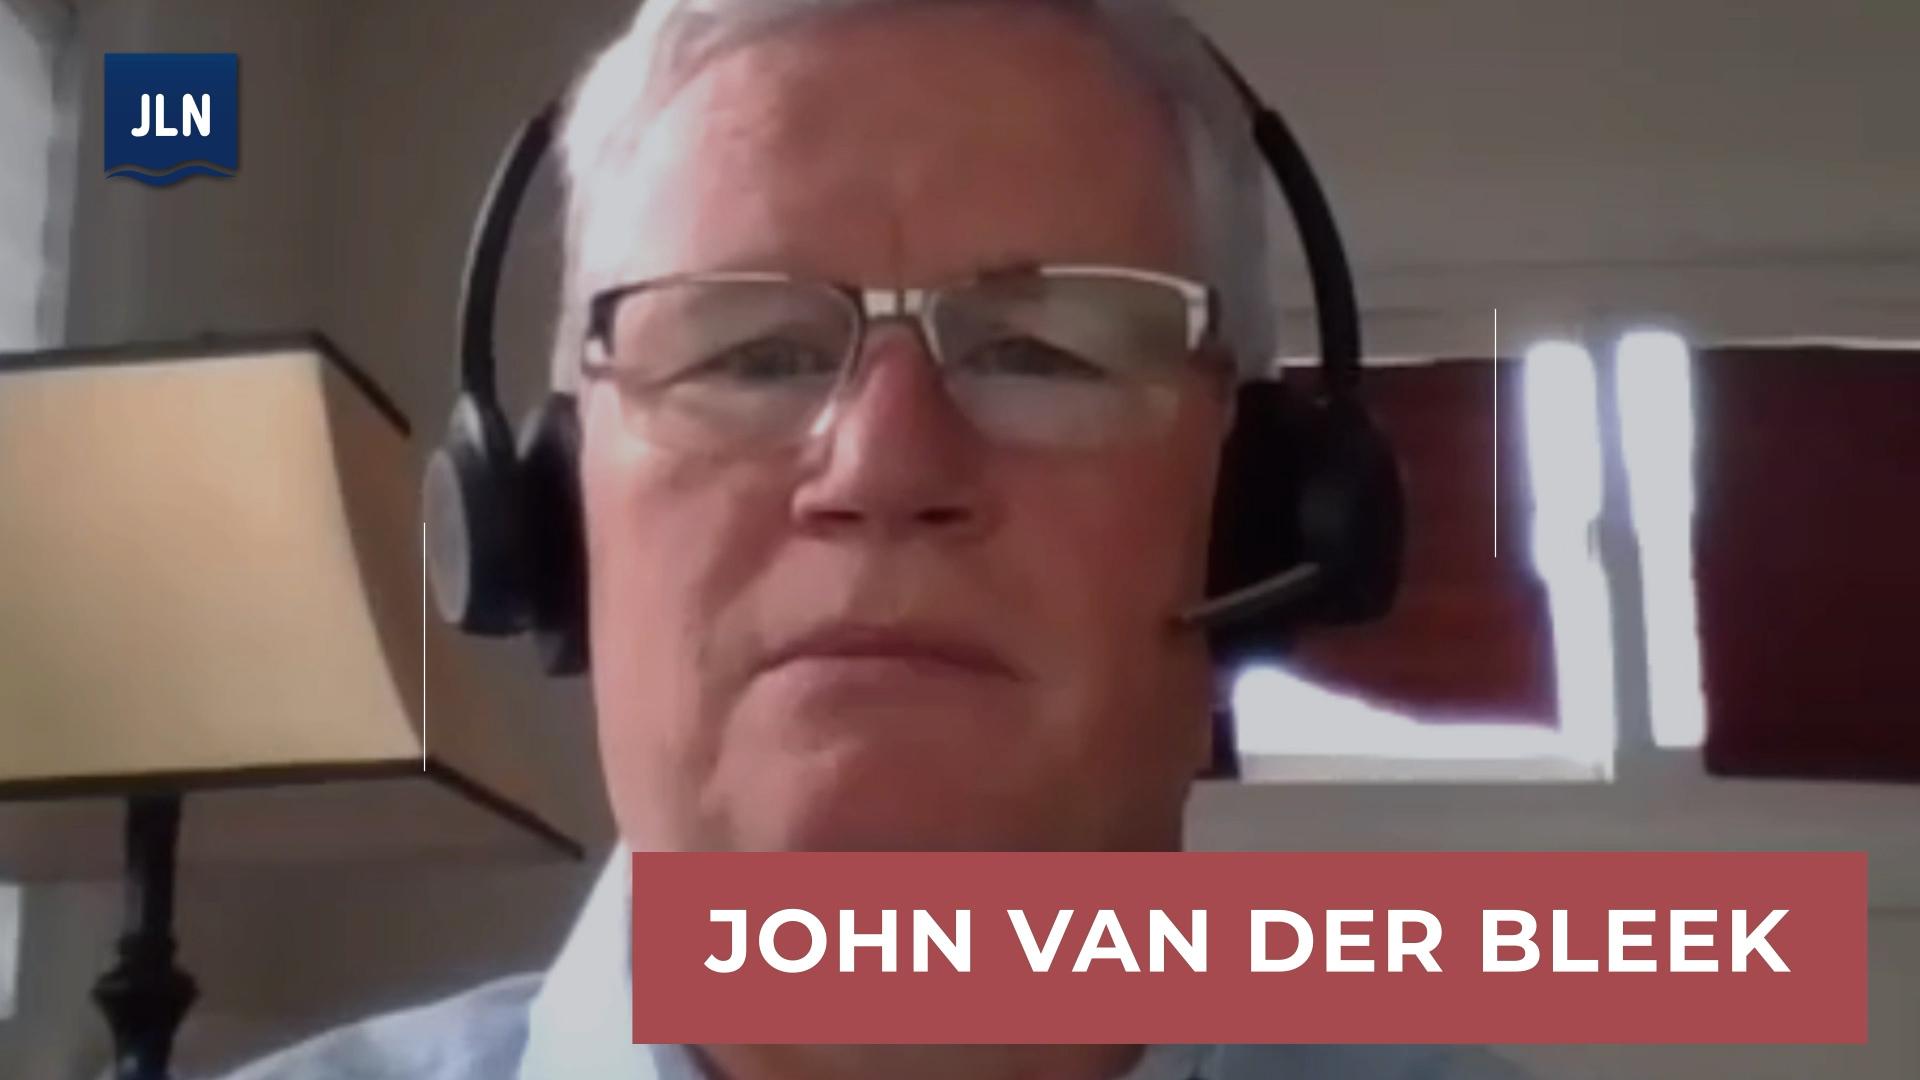 James Van Der Bleek